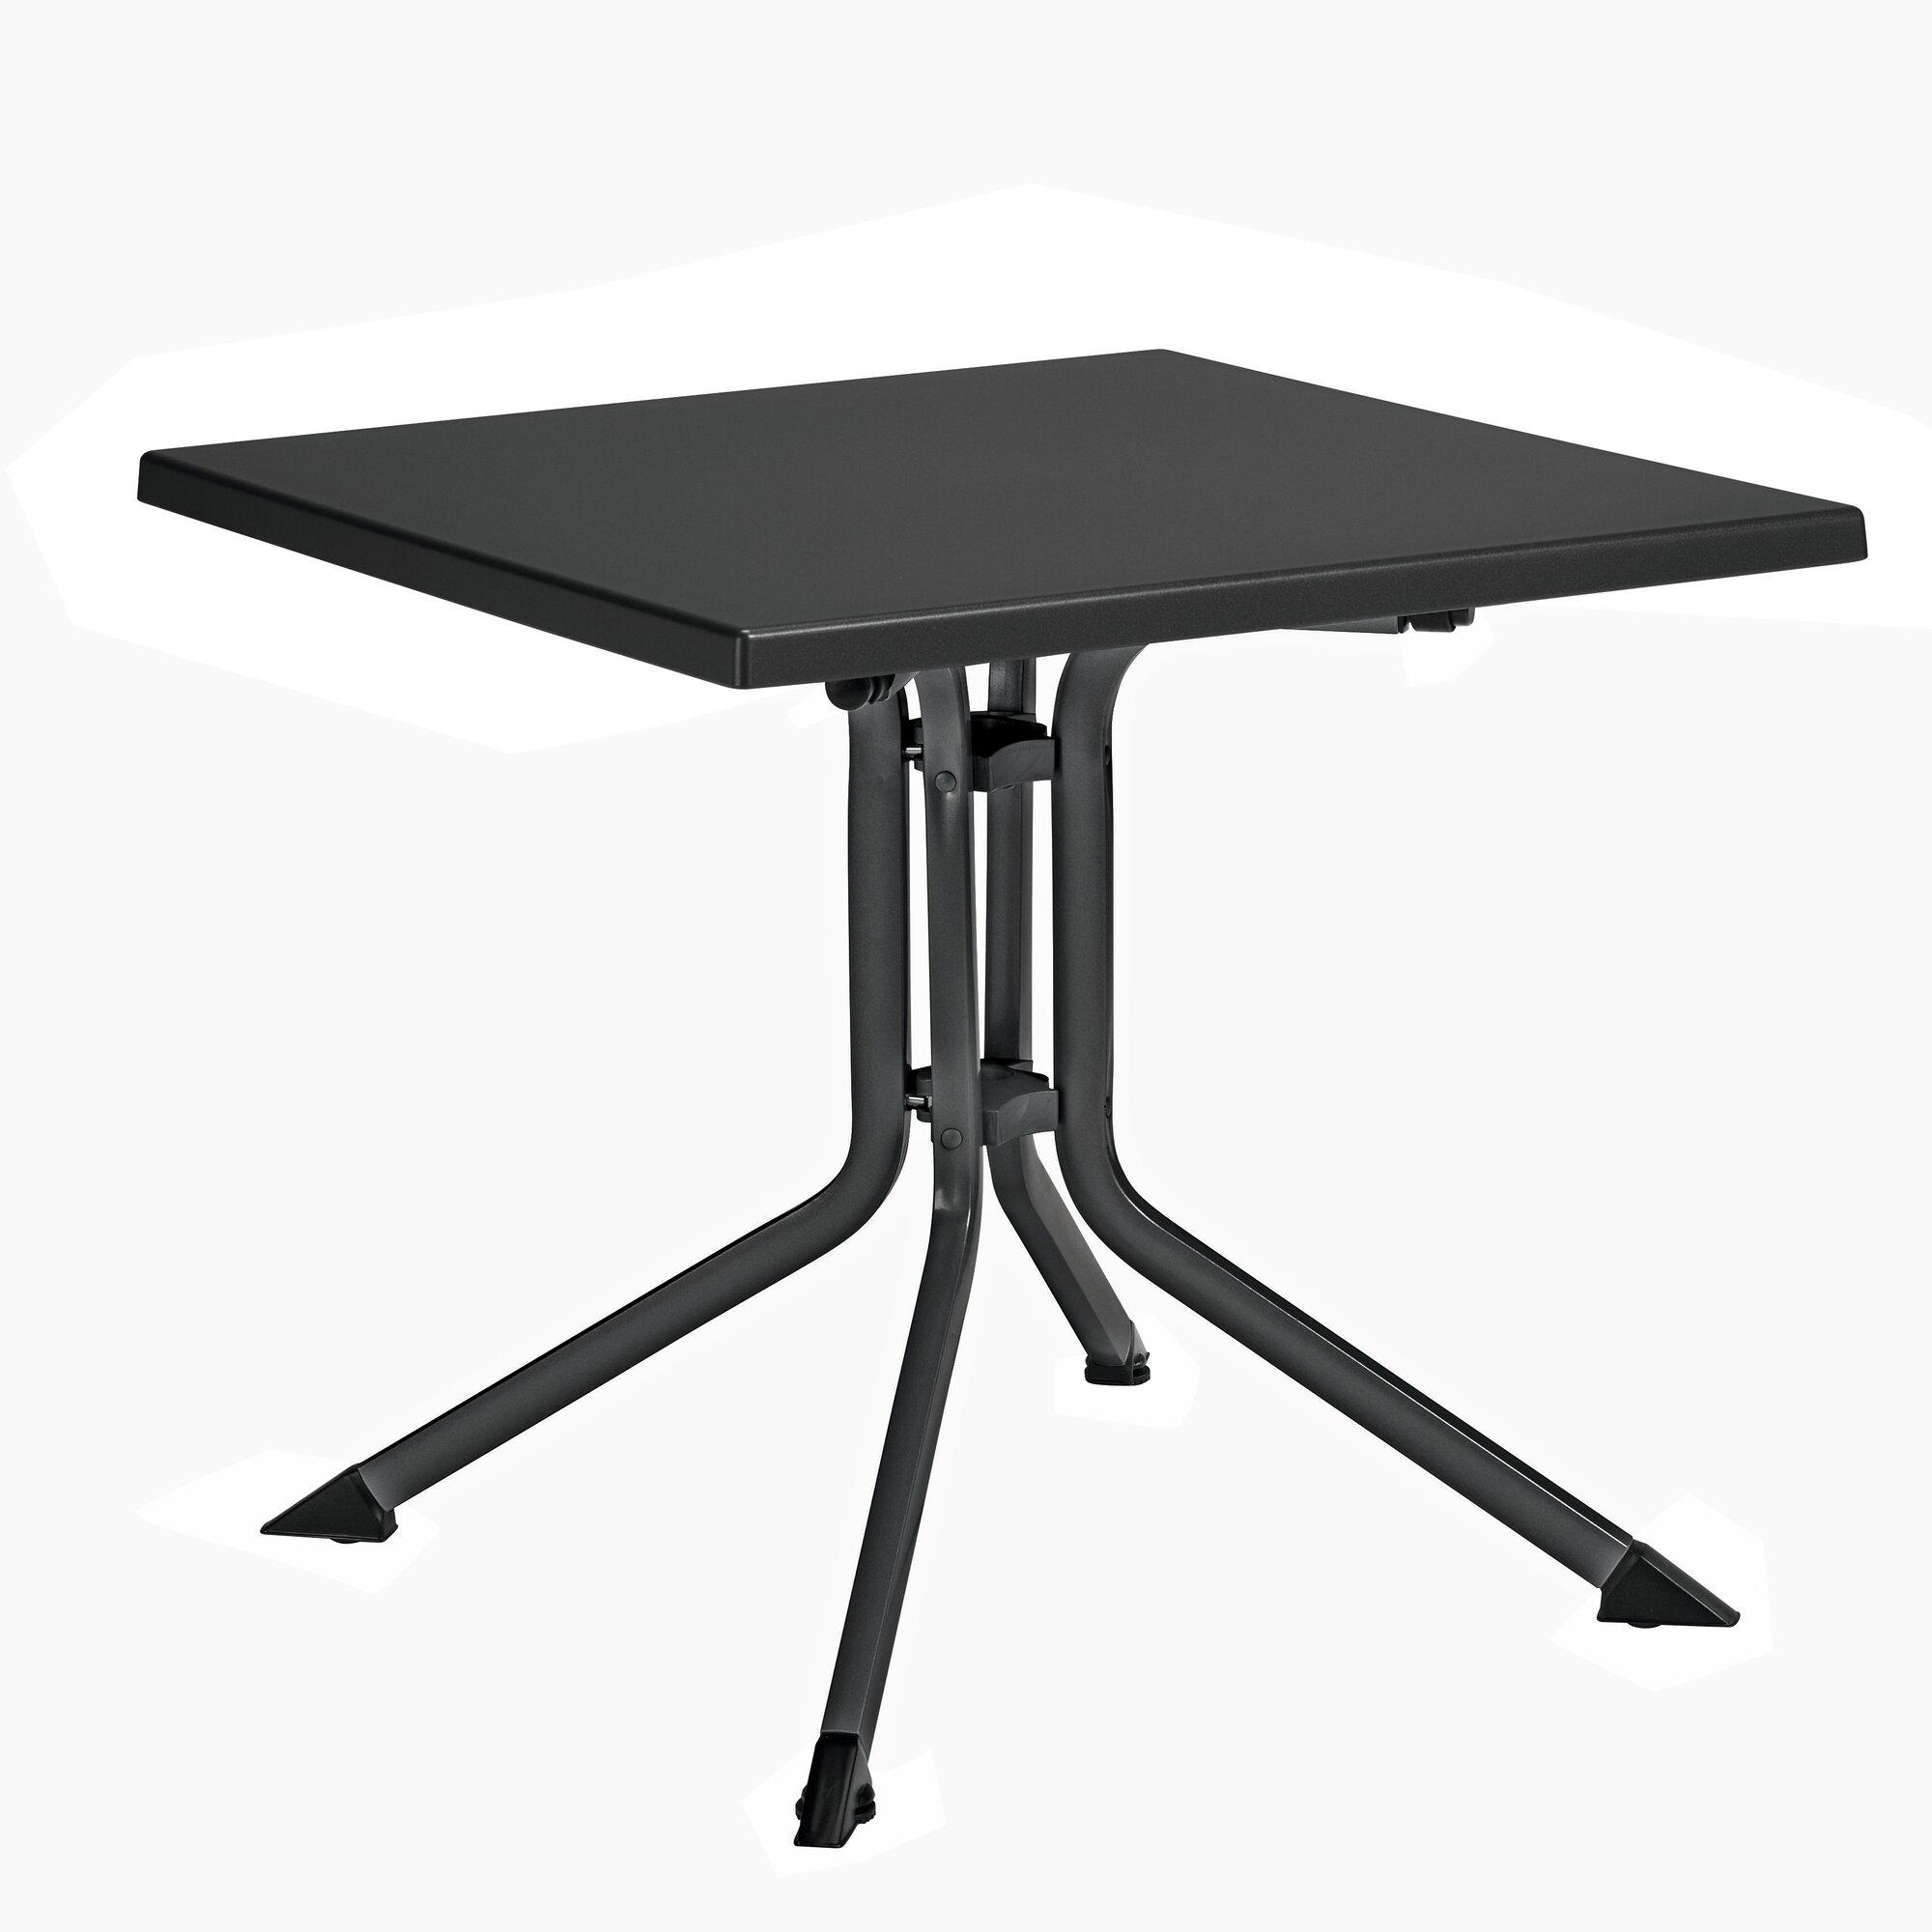 Kettler usa bistro table ebay for Table kettler